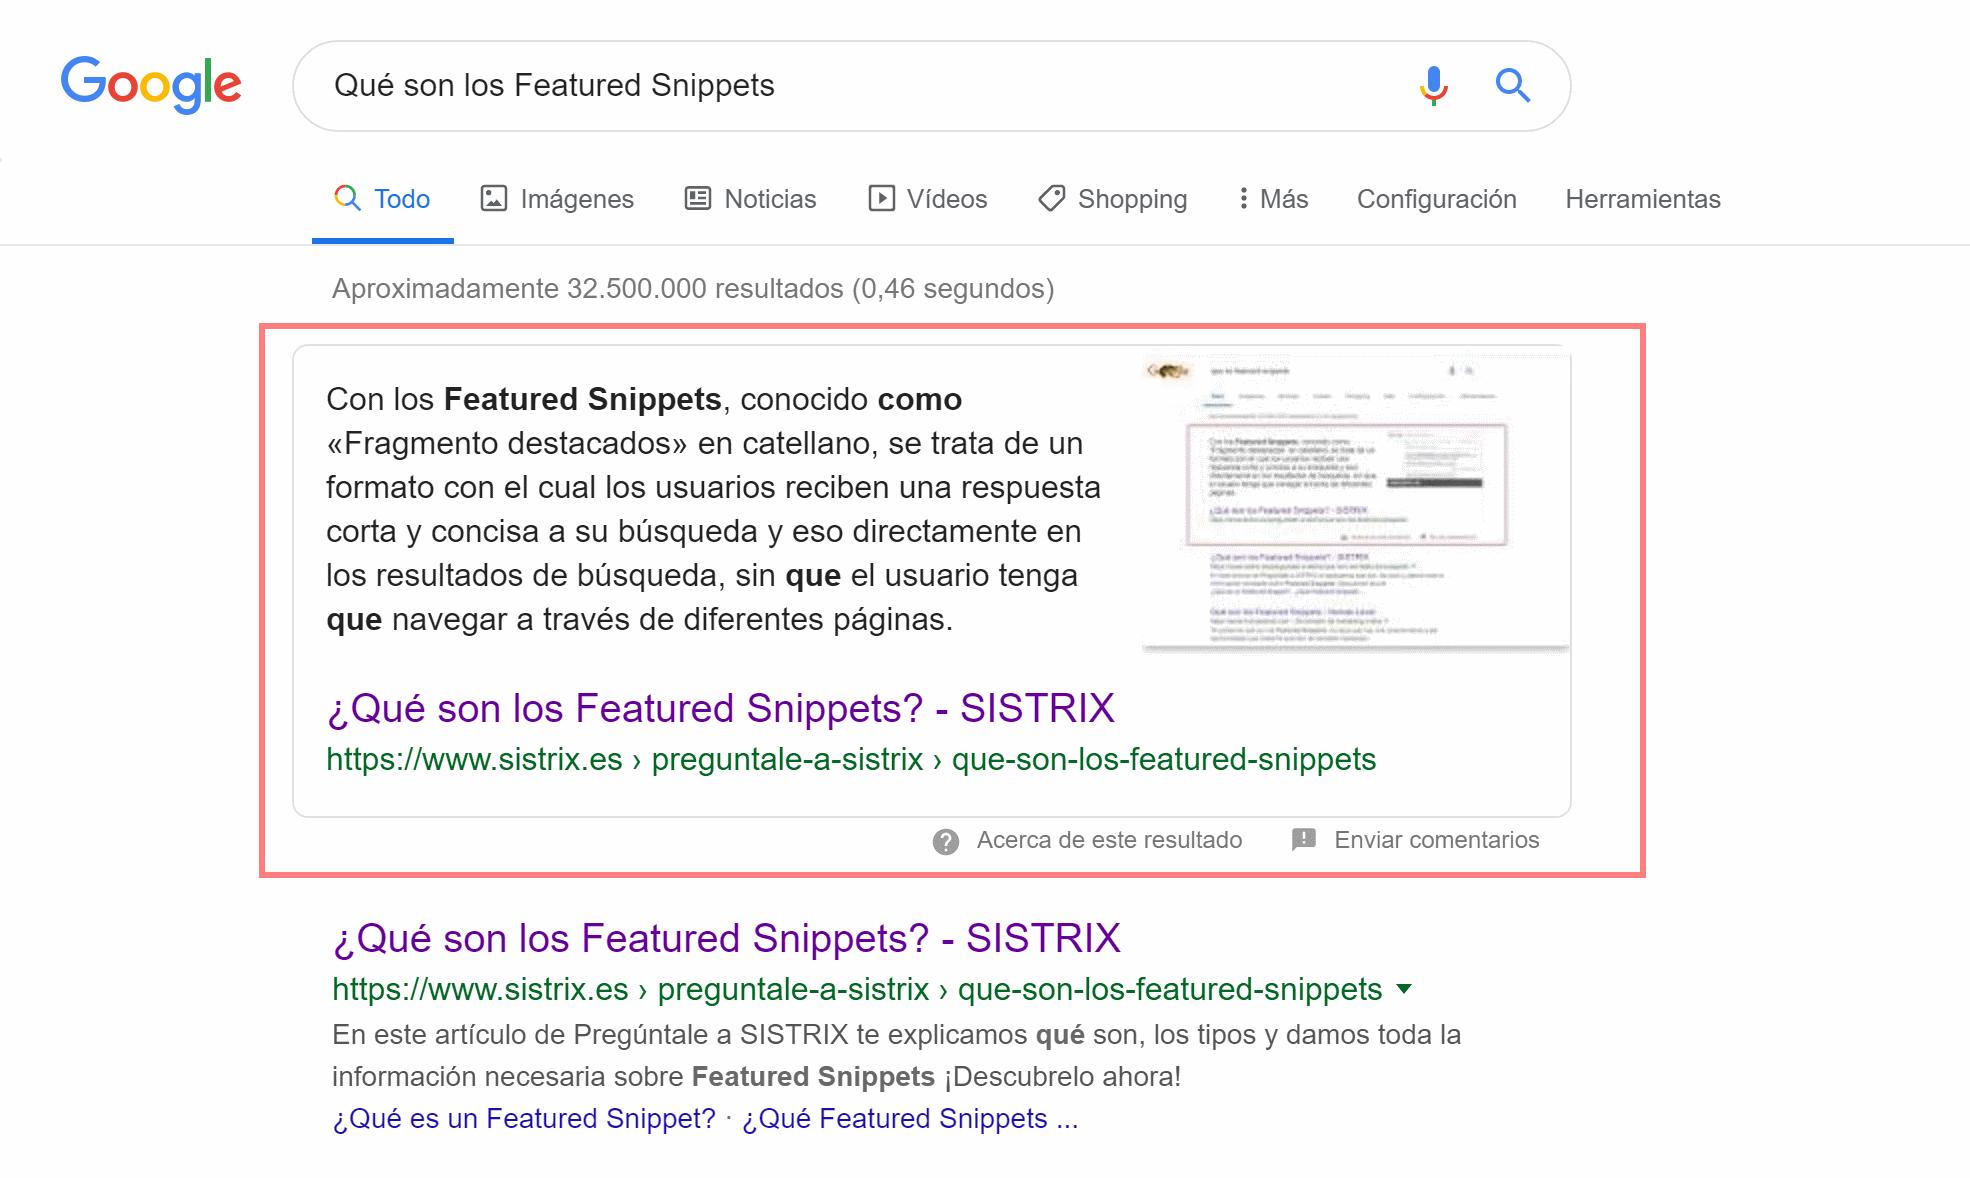 Resultado de búsqueda en Google con integración de un Featured Snippet